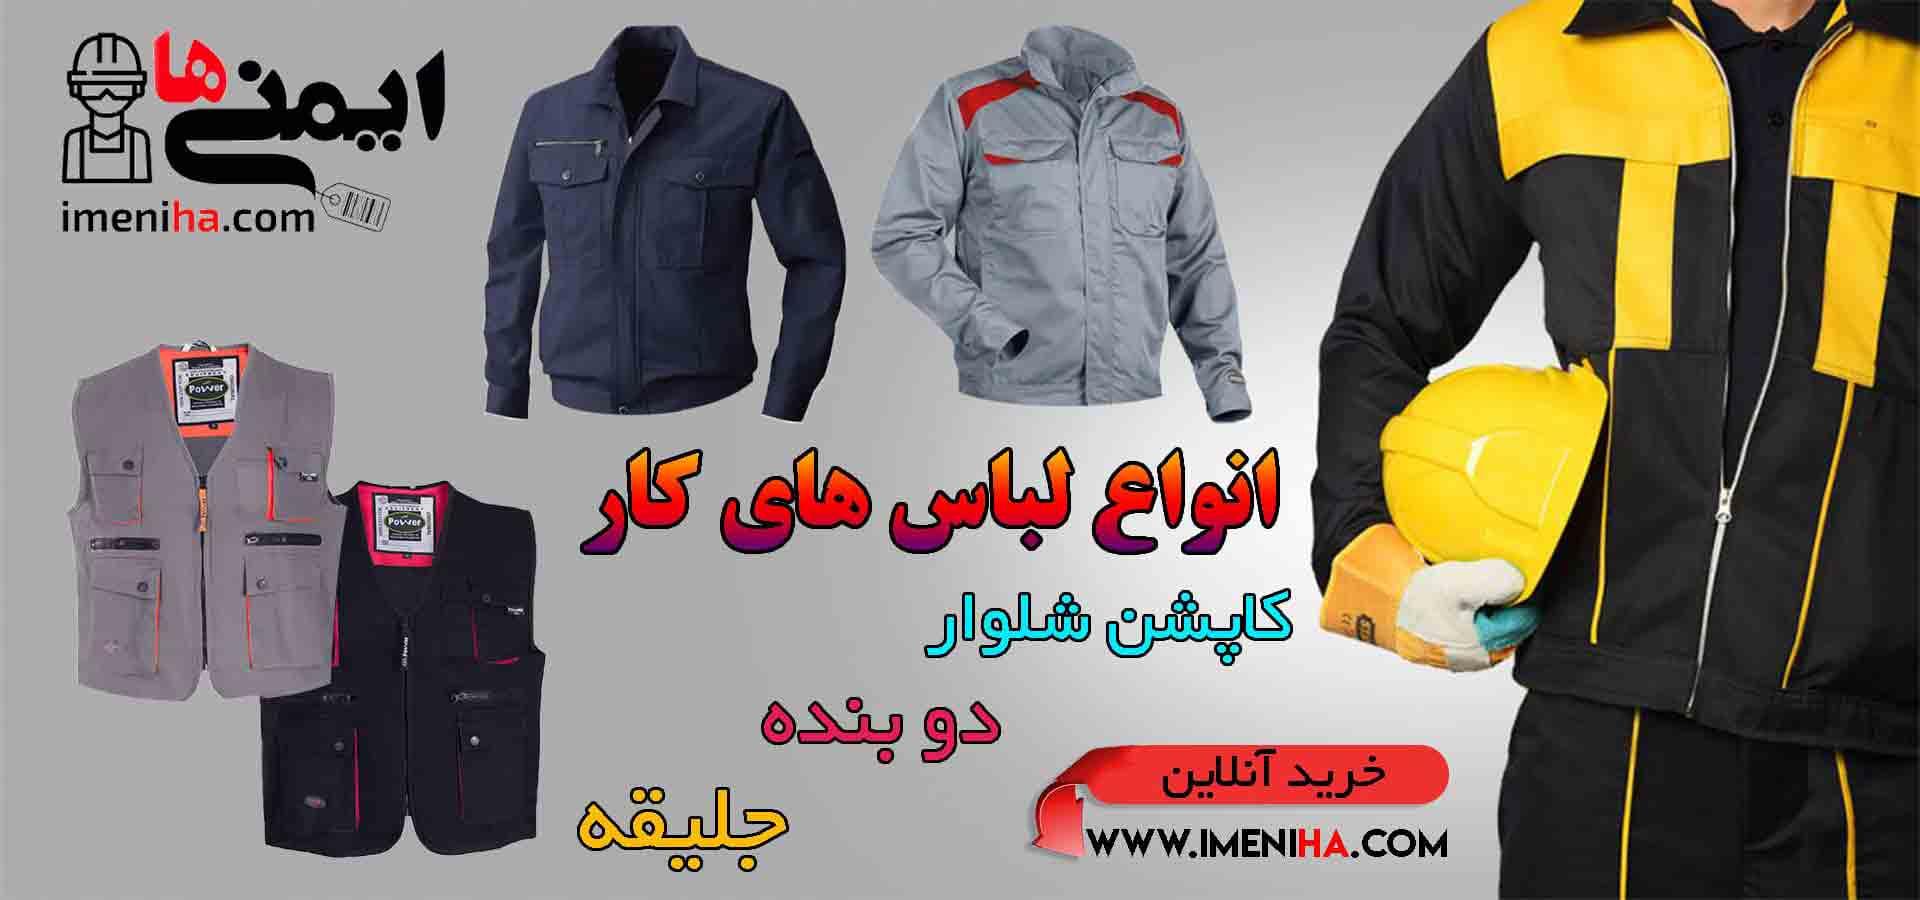 فروش عمده لباس کار